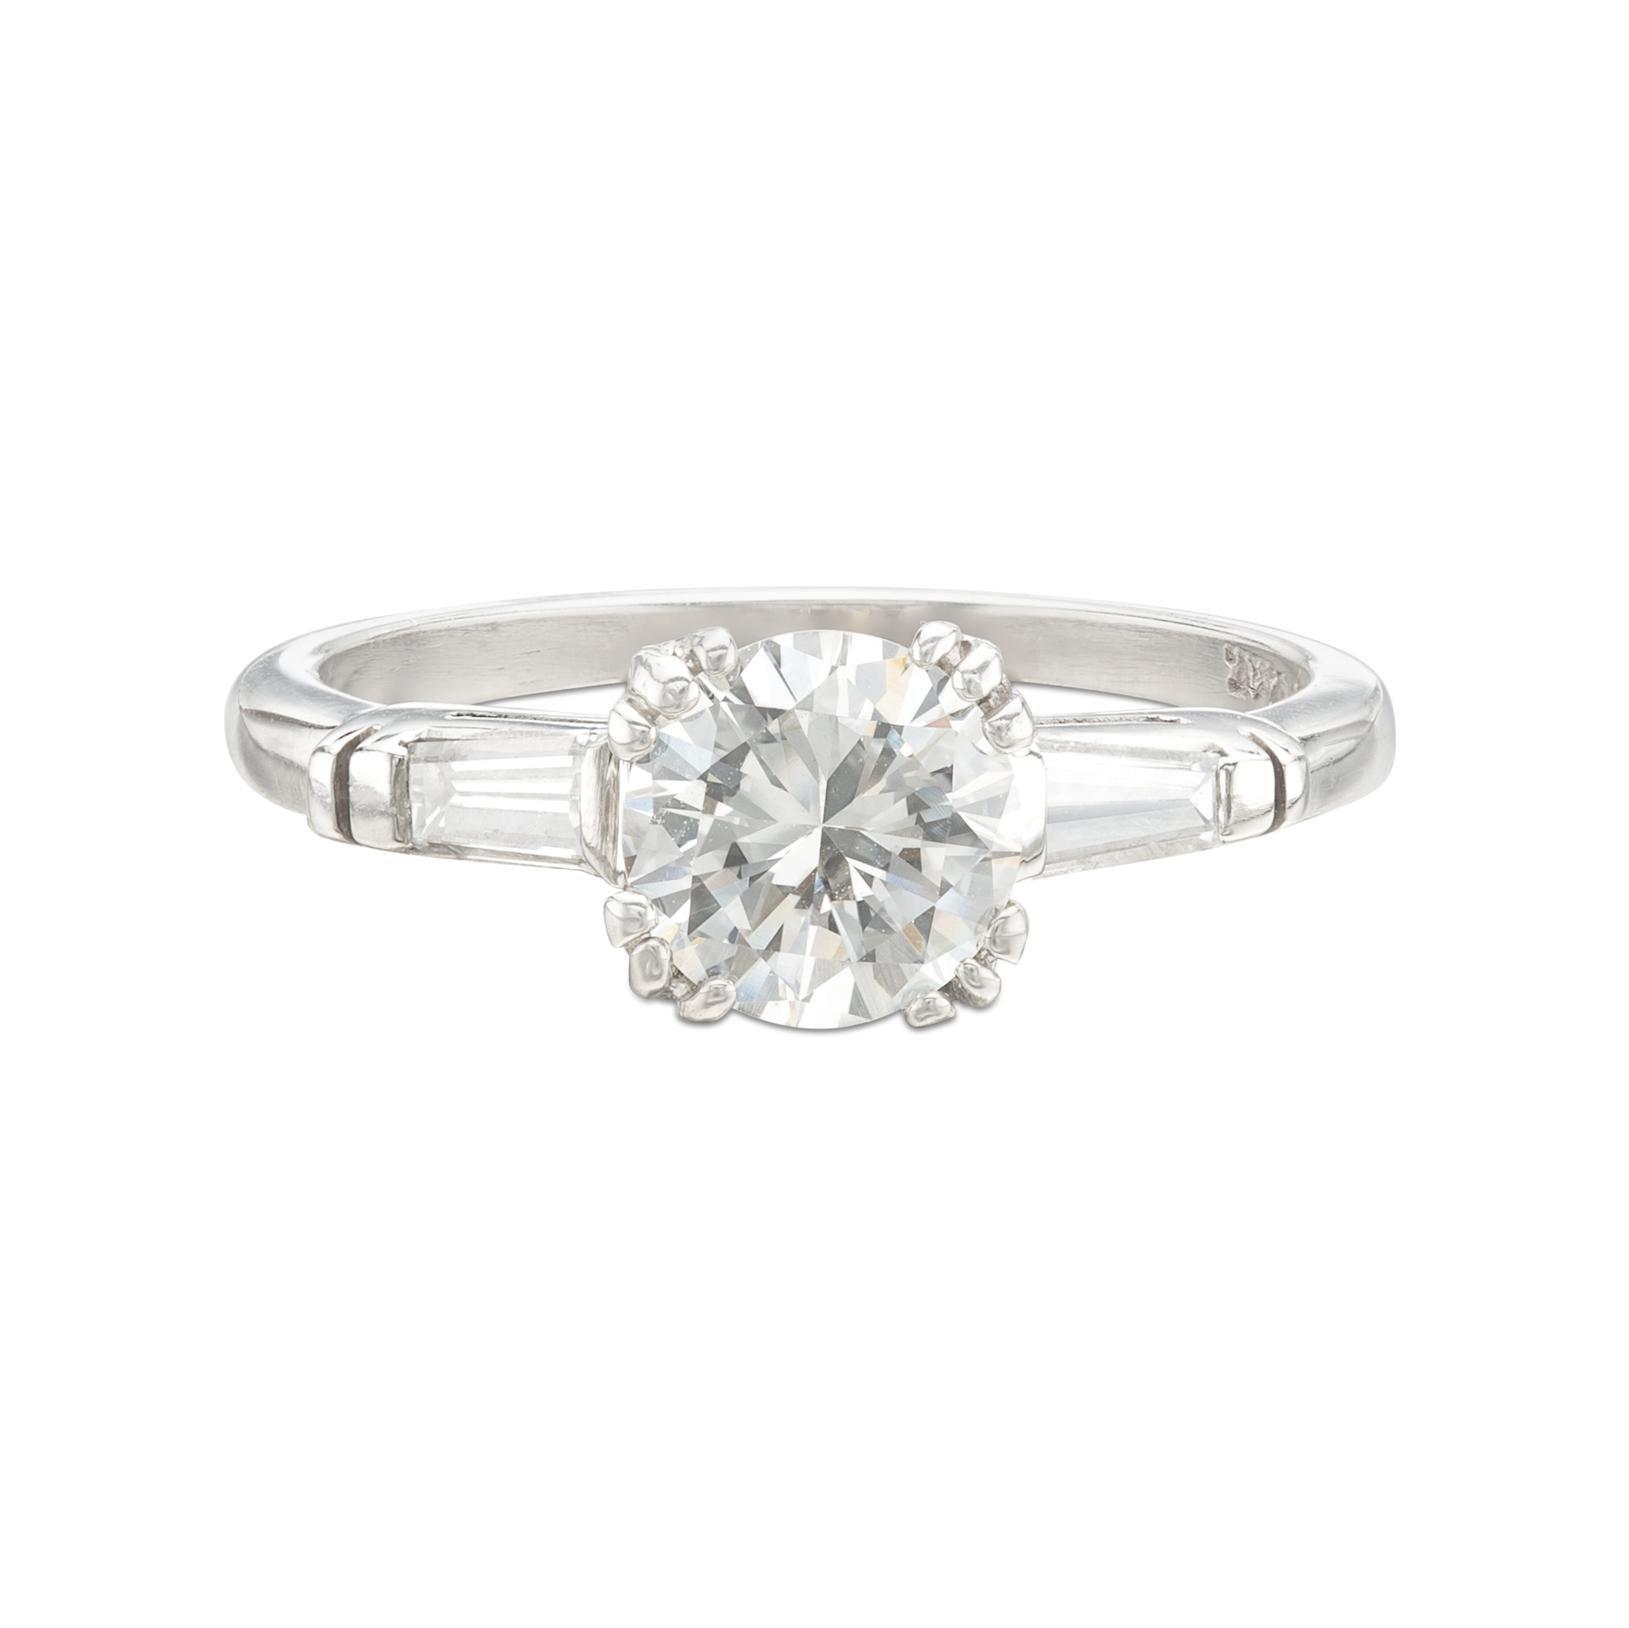 Estate Diamond and Platinum Engagement Ring